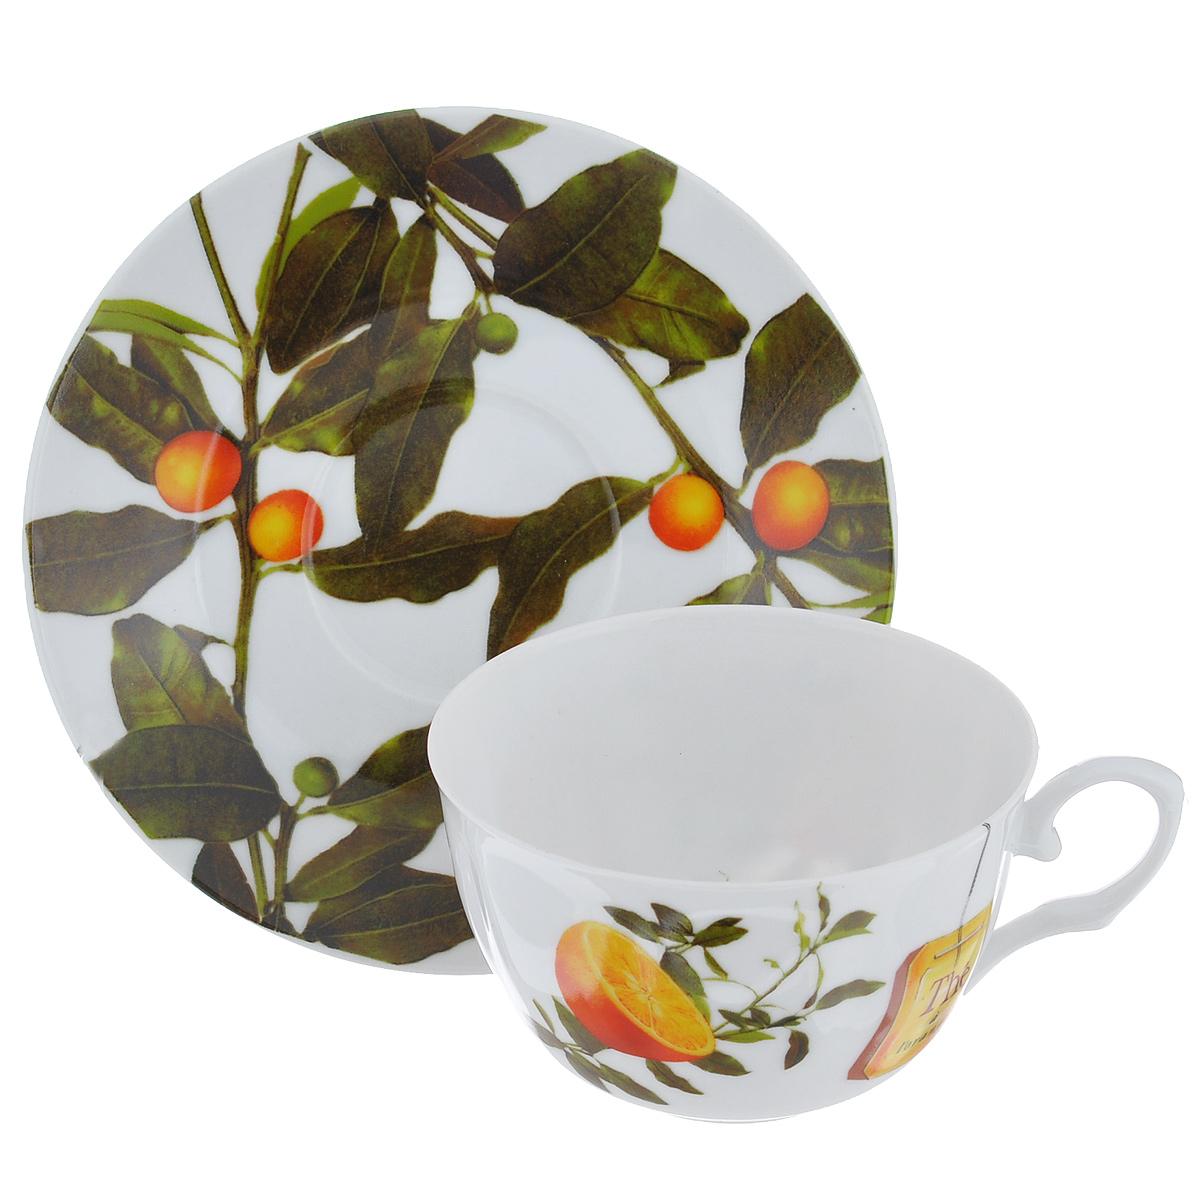 Набор чайный Larange Апельсин, 2 предмета. 586-266586-266Чайный набор Апельсин, выполненный из высококачественного фарфора, состоит из чашки и блюдца. Изделия декорированы изображением апельсинов. Элегантный дизайн и совершенные формы предметов набора привлекут к себе внимание и украсят интерьер вашей кухни. Чайный набор Апельсин идеально подойдет для сервировки стола и станет отличным подарком к любому празднику. Чайный набор упакован в подарочную коробку из плотного картона лимонного цвета. Внутренняя часть коробки задрапирована белой атласной тканью, и каждый предмет надежно крепится в определенном положении благодаря особым выемкам в коробке. Не использовать в микроволновой печи. Не применять абразивные чистящие вещества. Объем чашки: 250 мл. Диаметр чашки по верхнему краю: 9,5 см. Высота чашки: 6 см. Диаметр блюдца: 14,5 см.